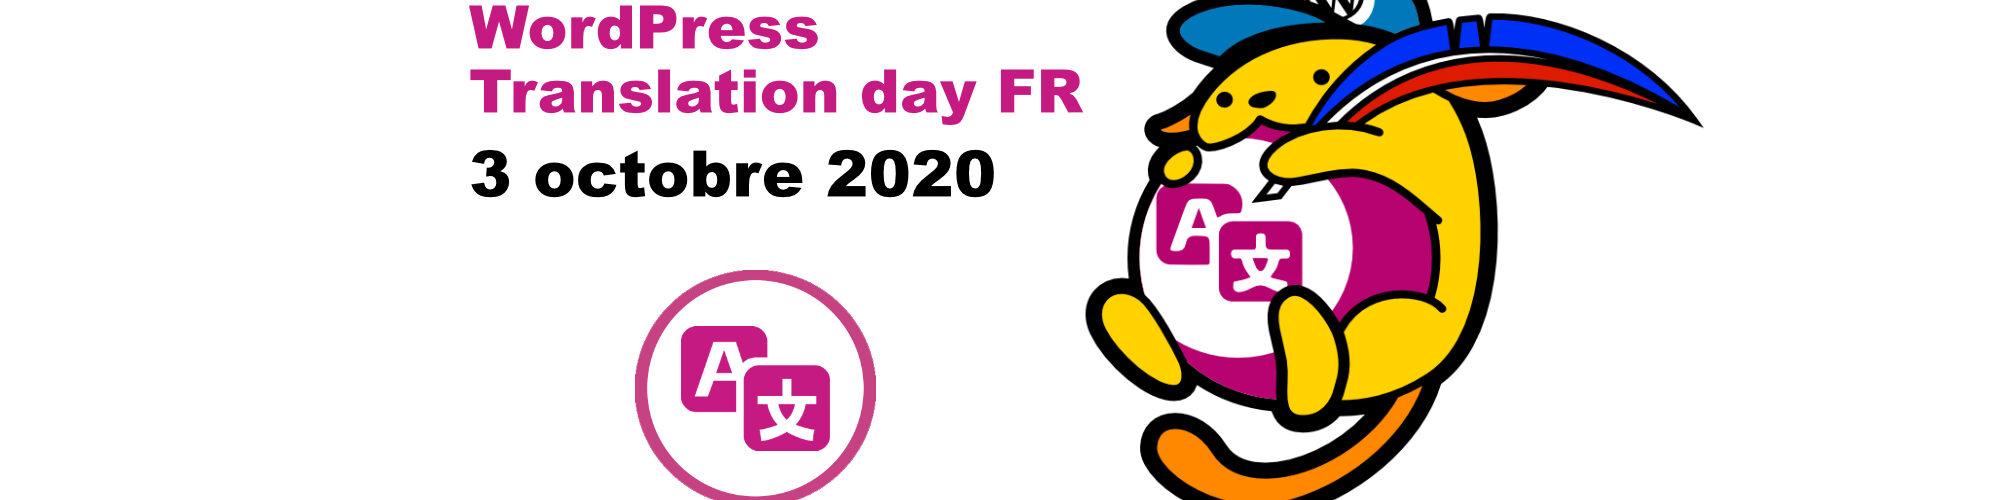 Rendez-vous le 3 octobre 2020 pour le WordPress translation day FR